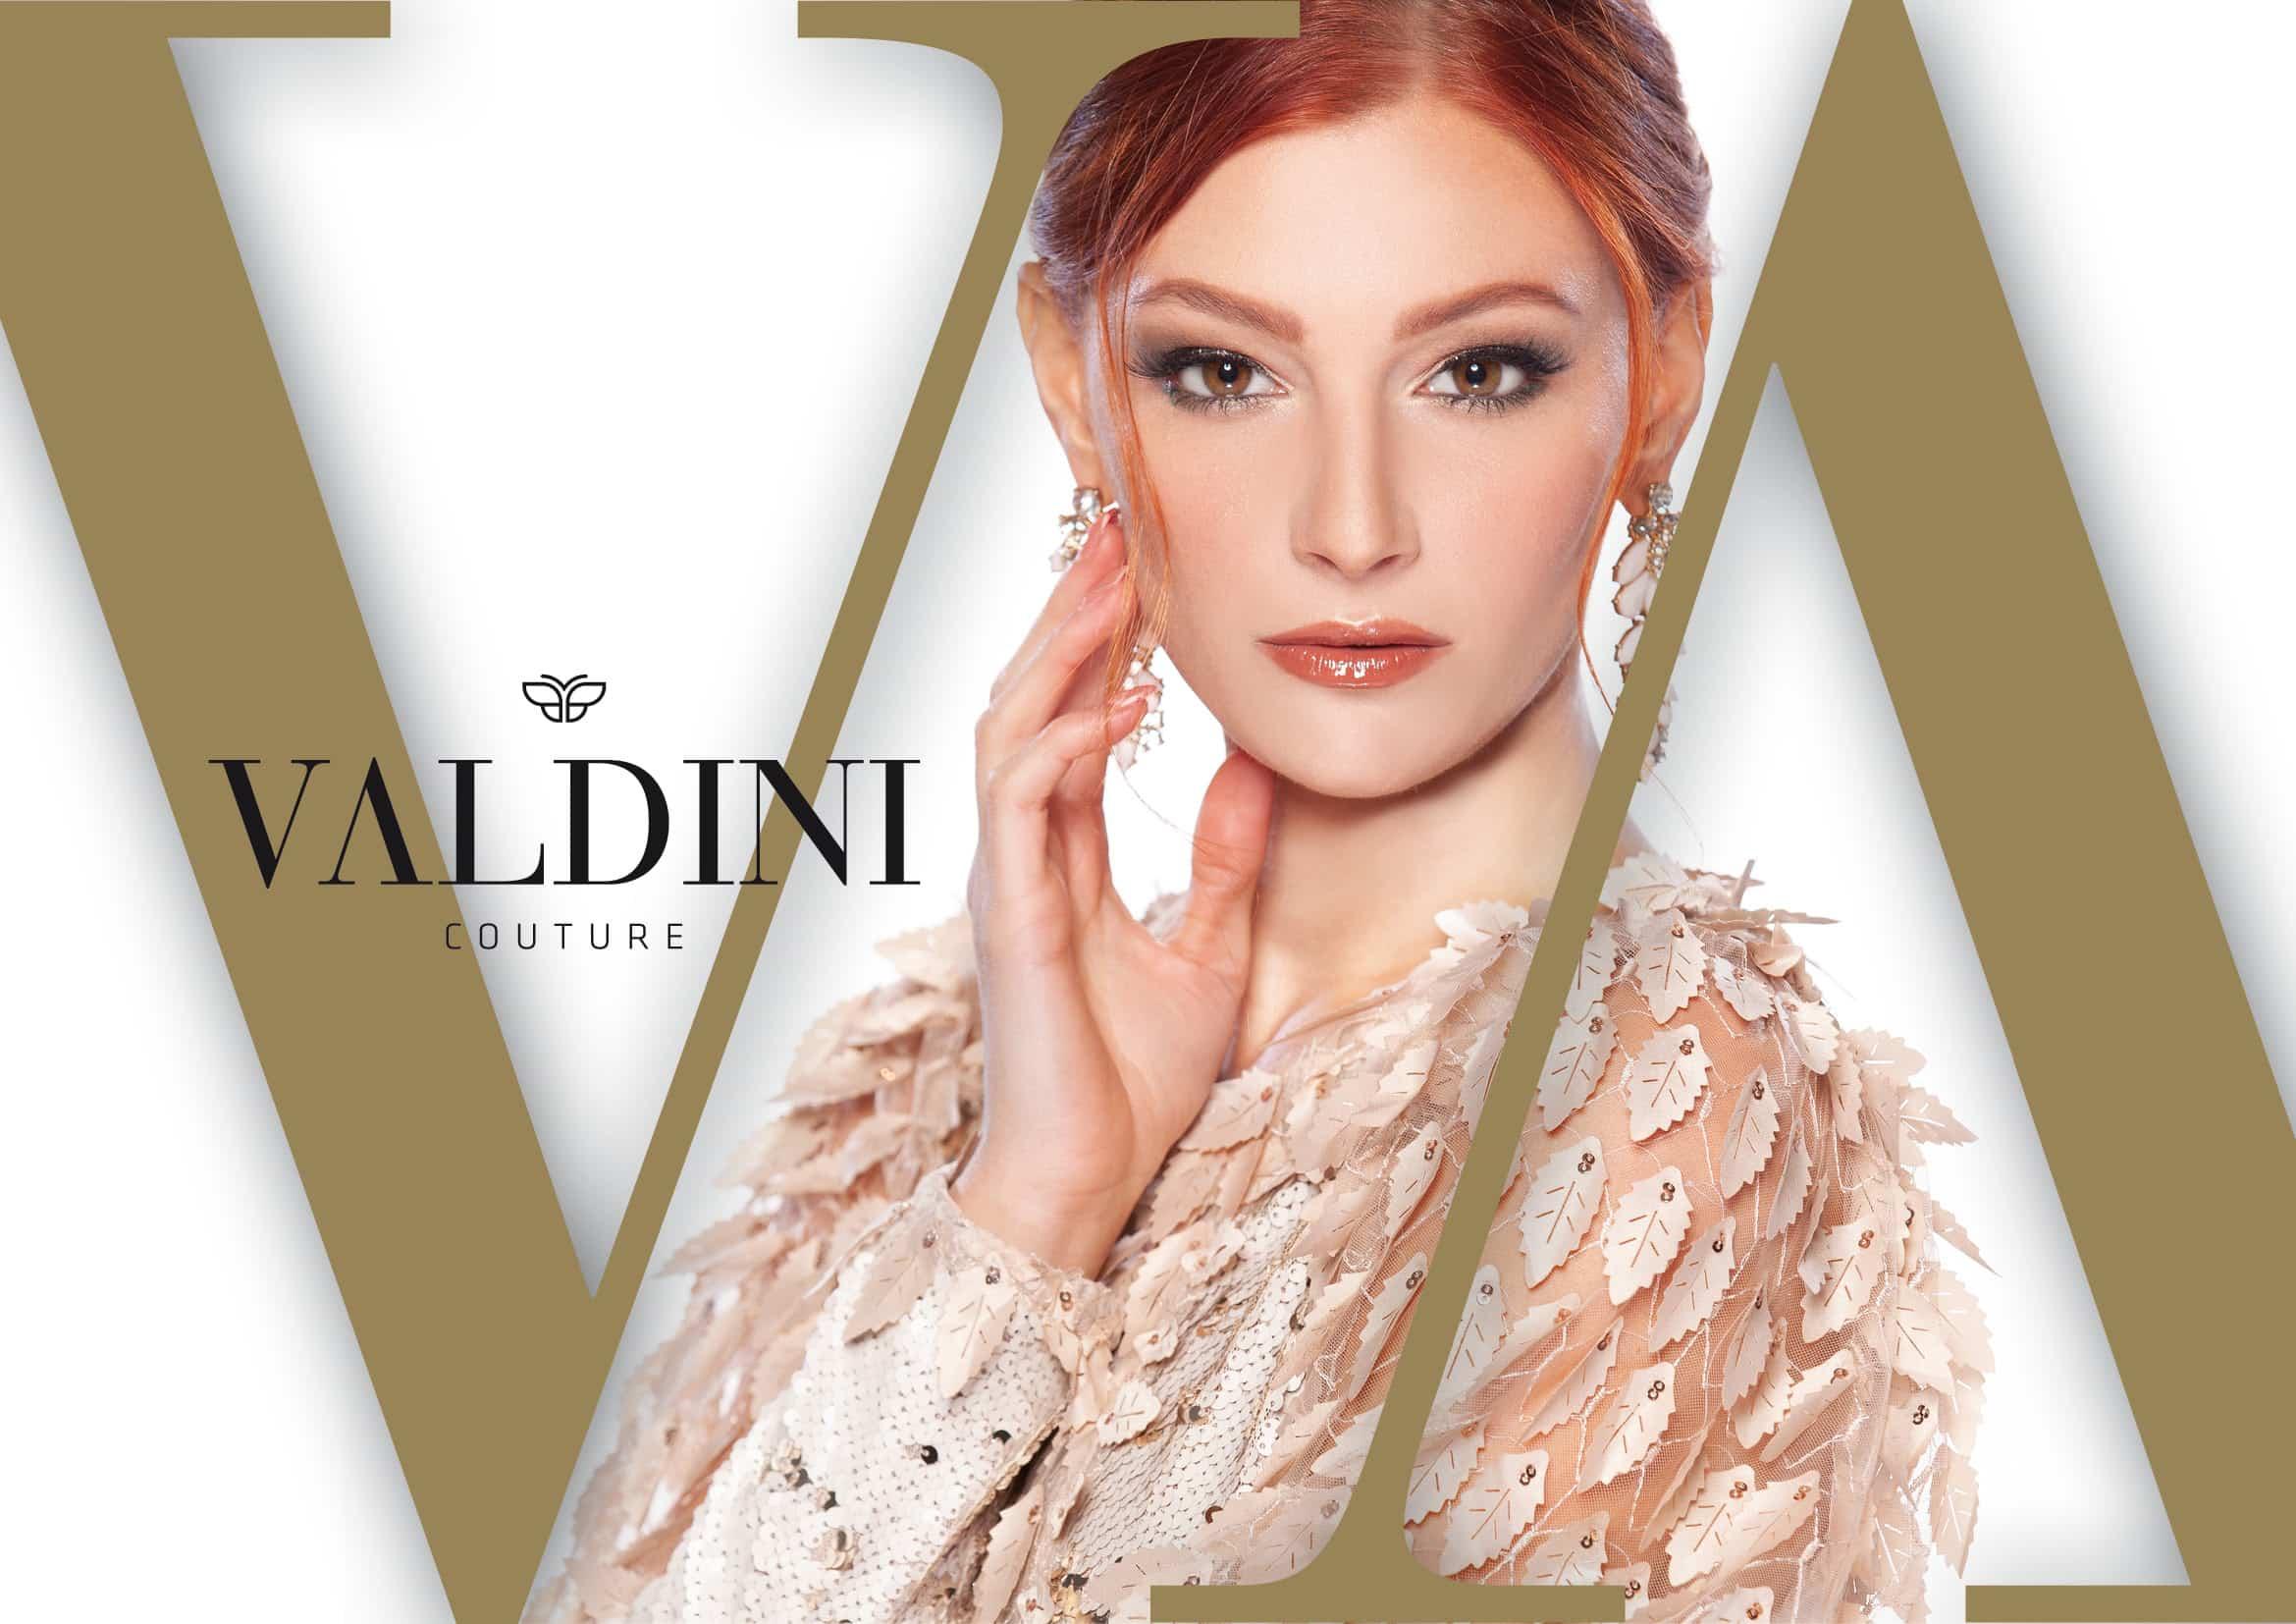 Corporate Design und Logo-Entwicklung für Valdini Couture